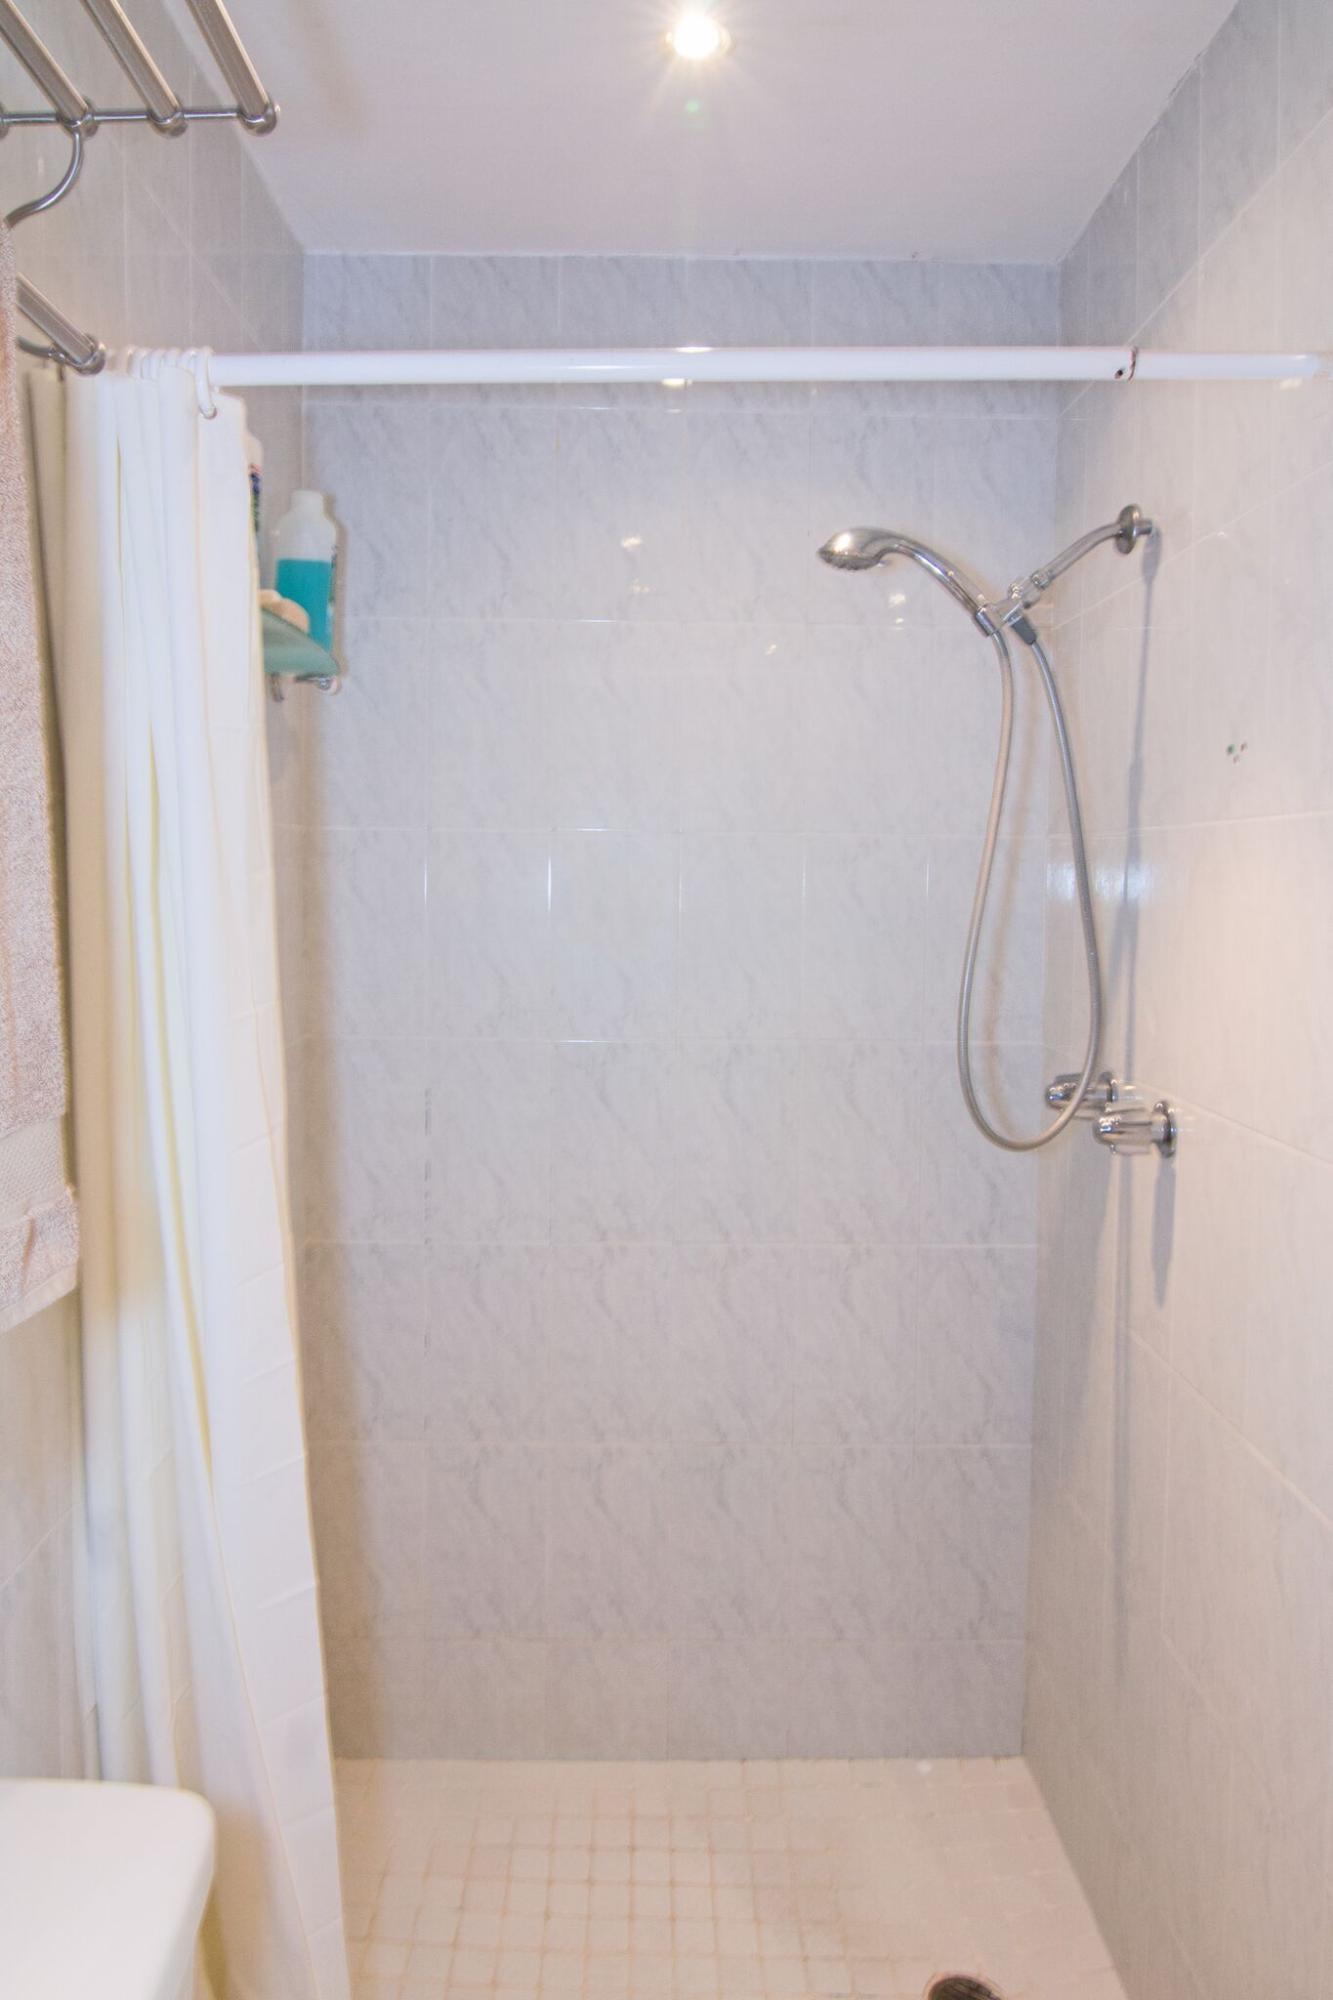 2-br apt bath